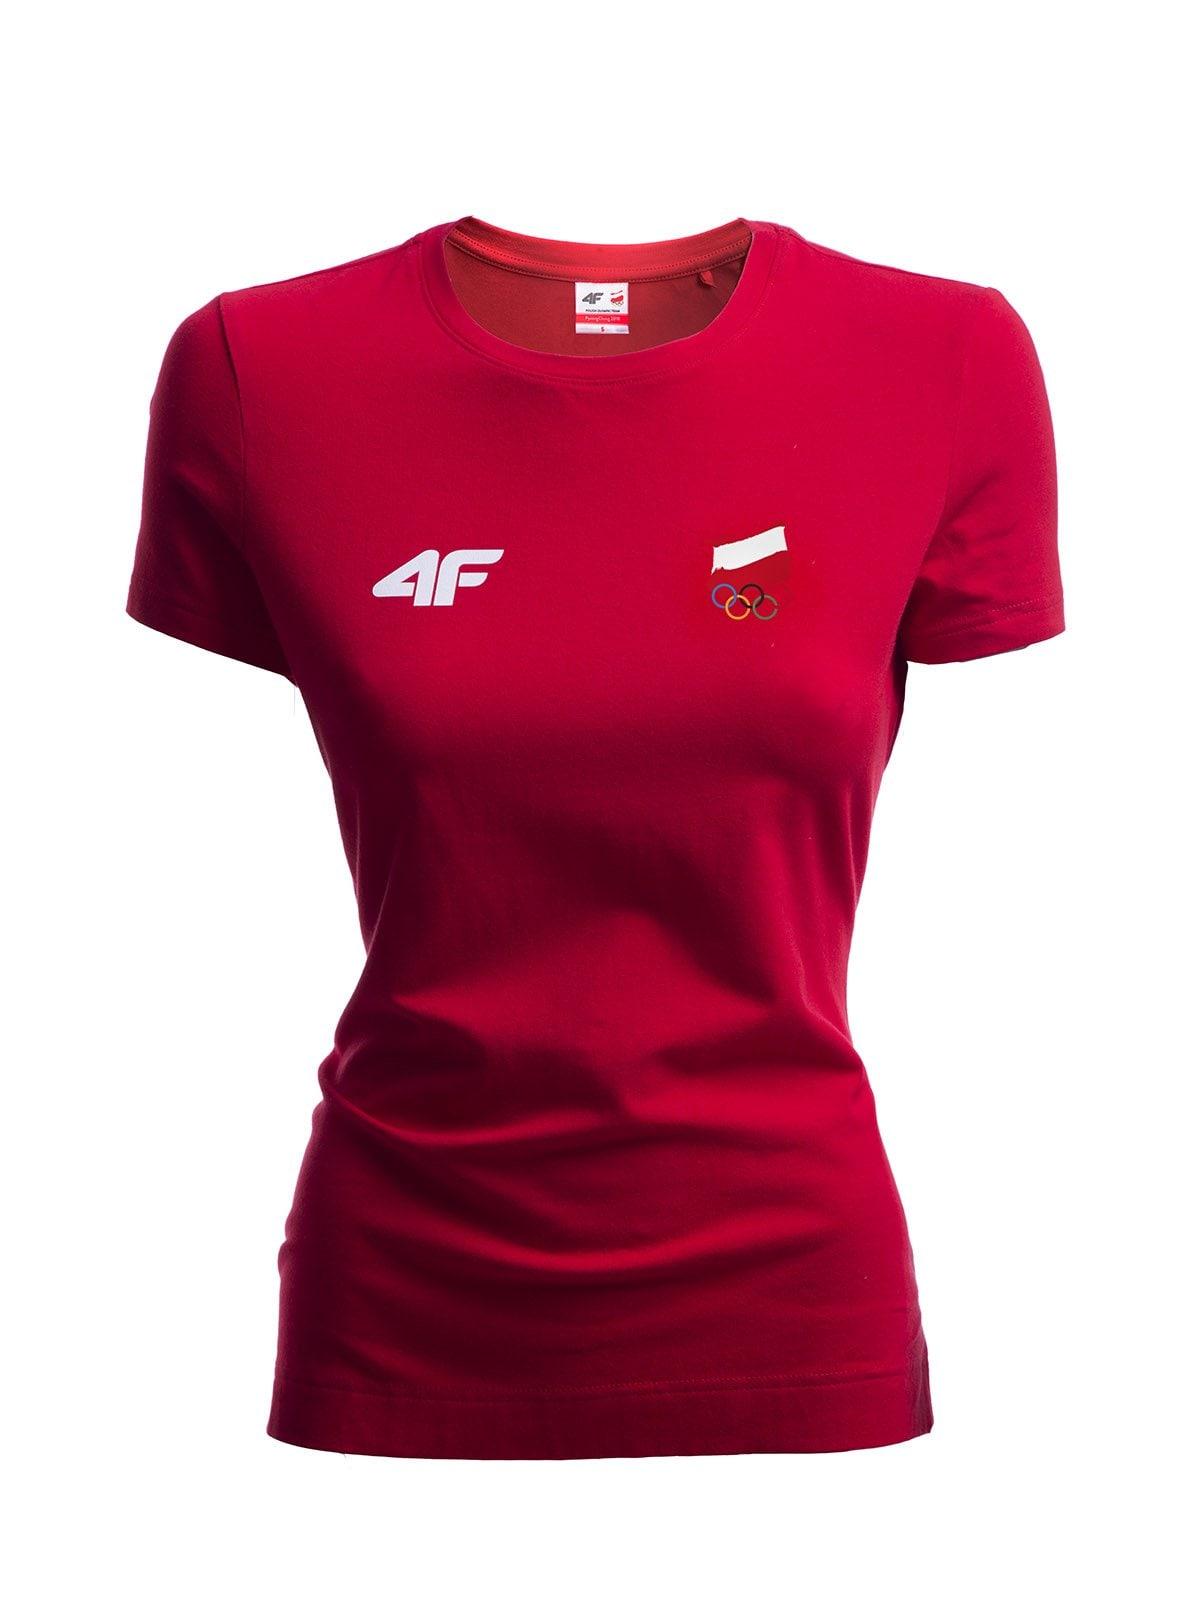 Koszulka damska Polska Pyeongchang 2018 TSD900R - czerwony wiśniowy